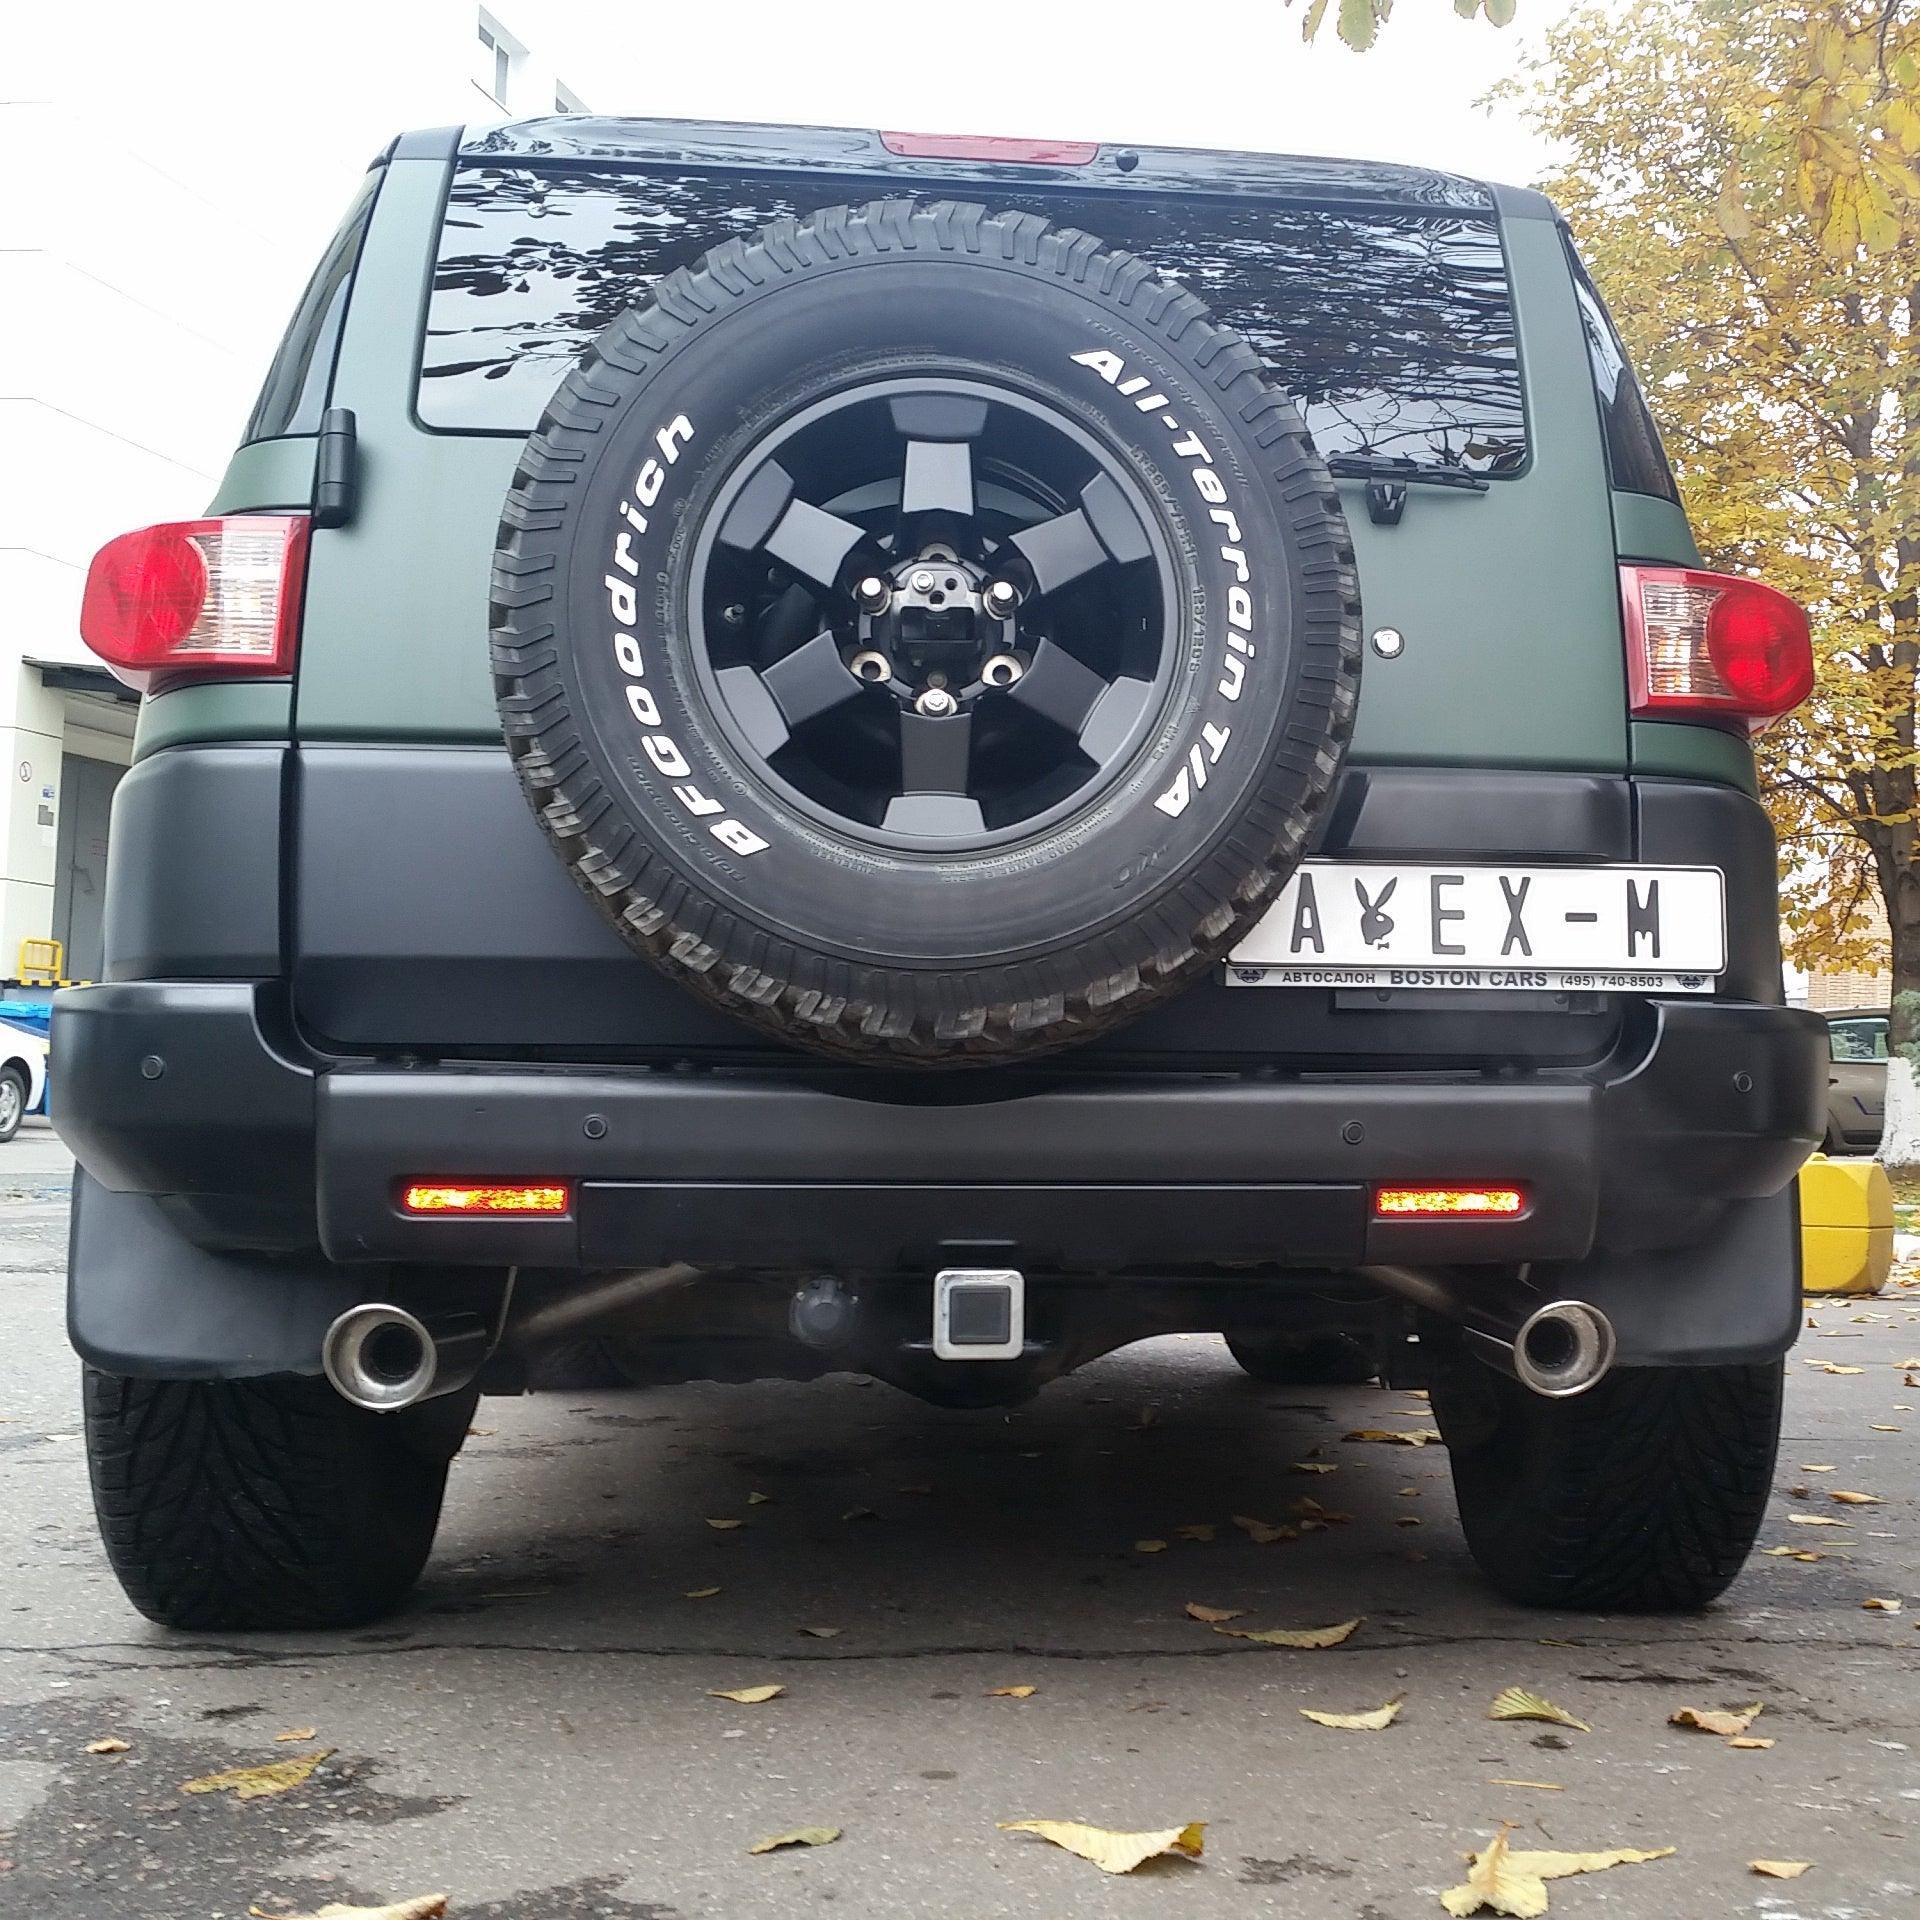 Автомагазин Tuning-alex-m в Москве - отзывы, фото и адрес. Все ... 11de9ed32bb